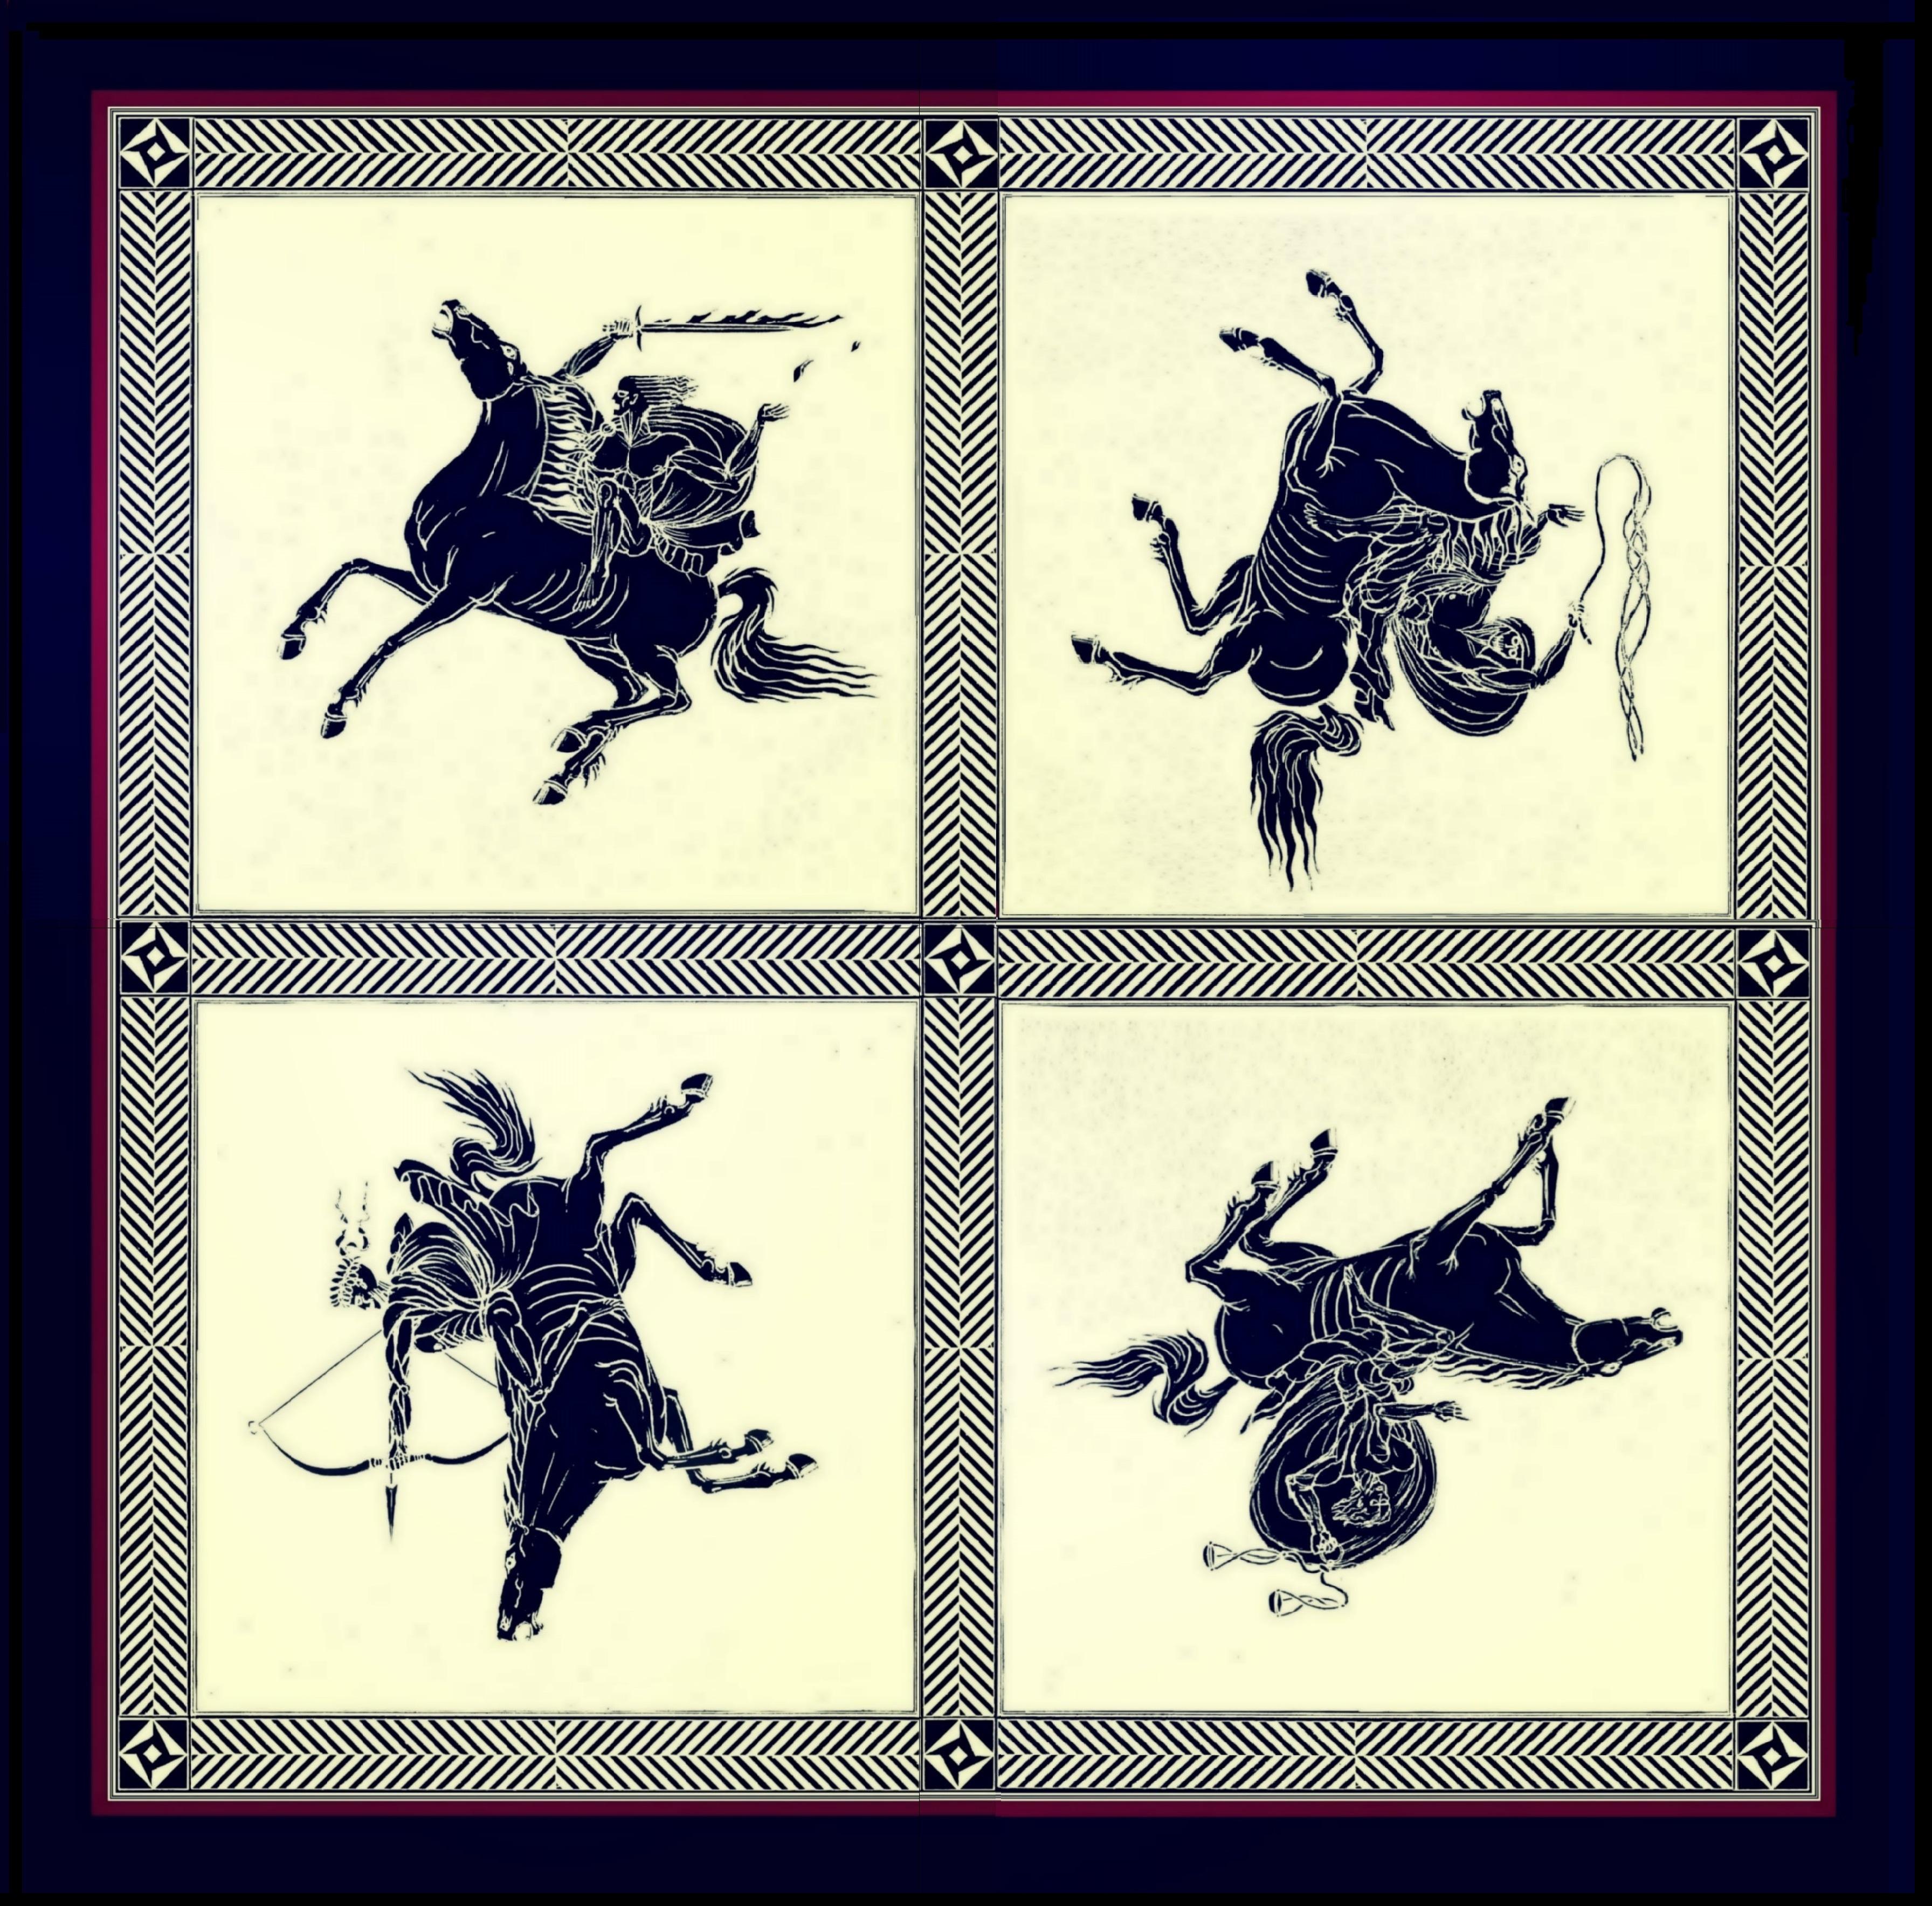 Four Horsemen of the Apocalypse - Wikipedia